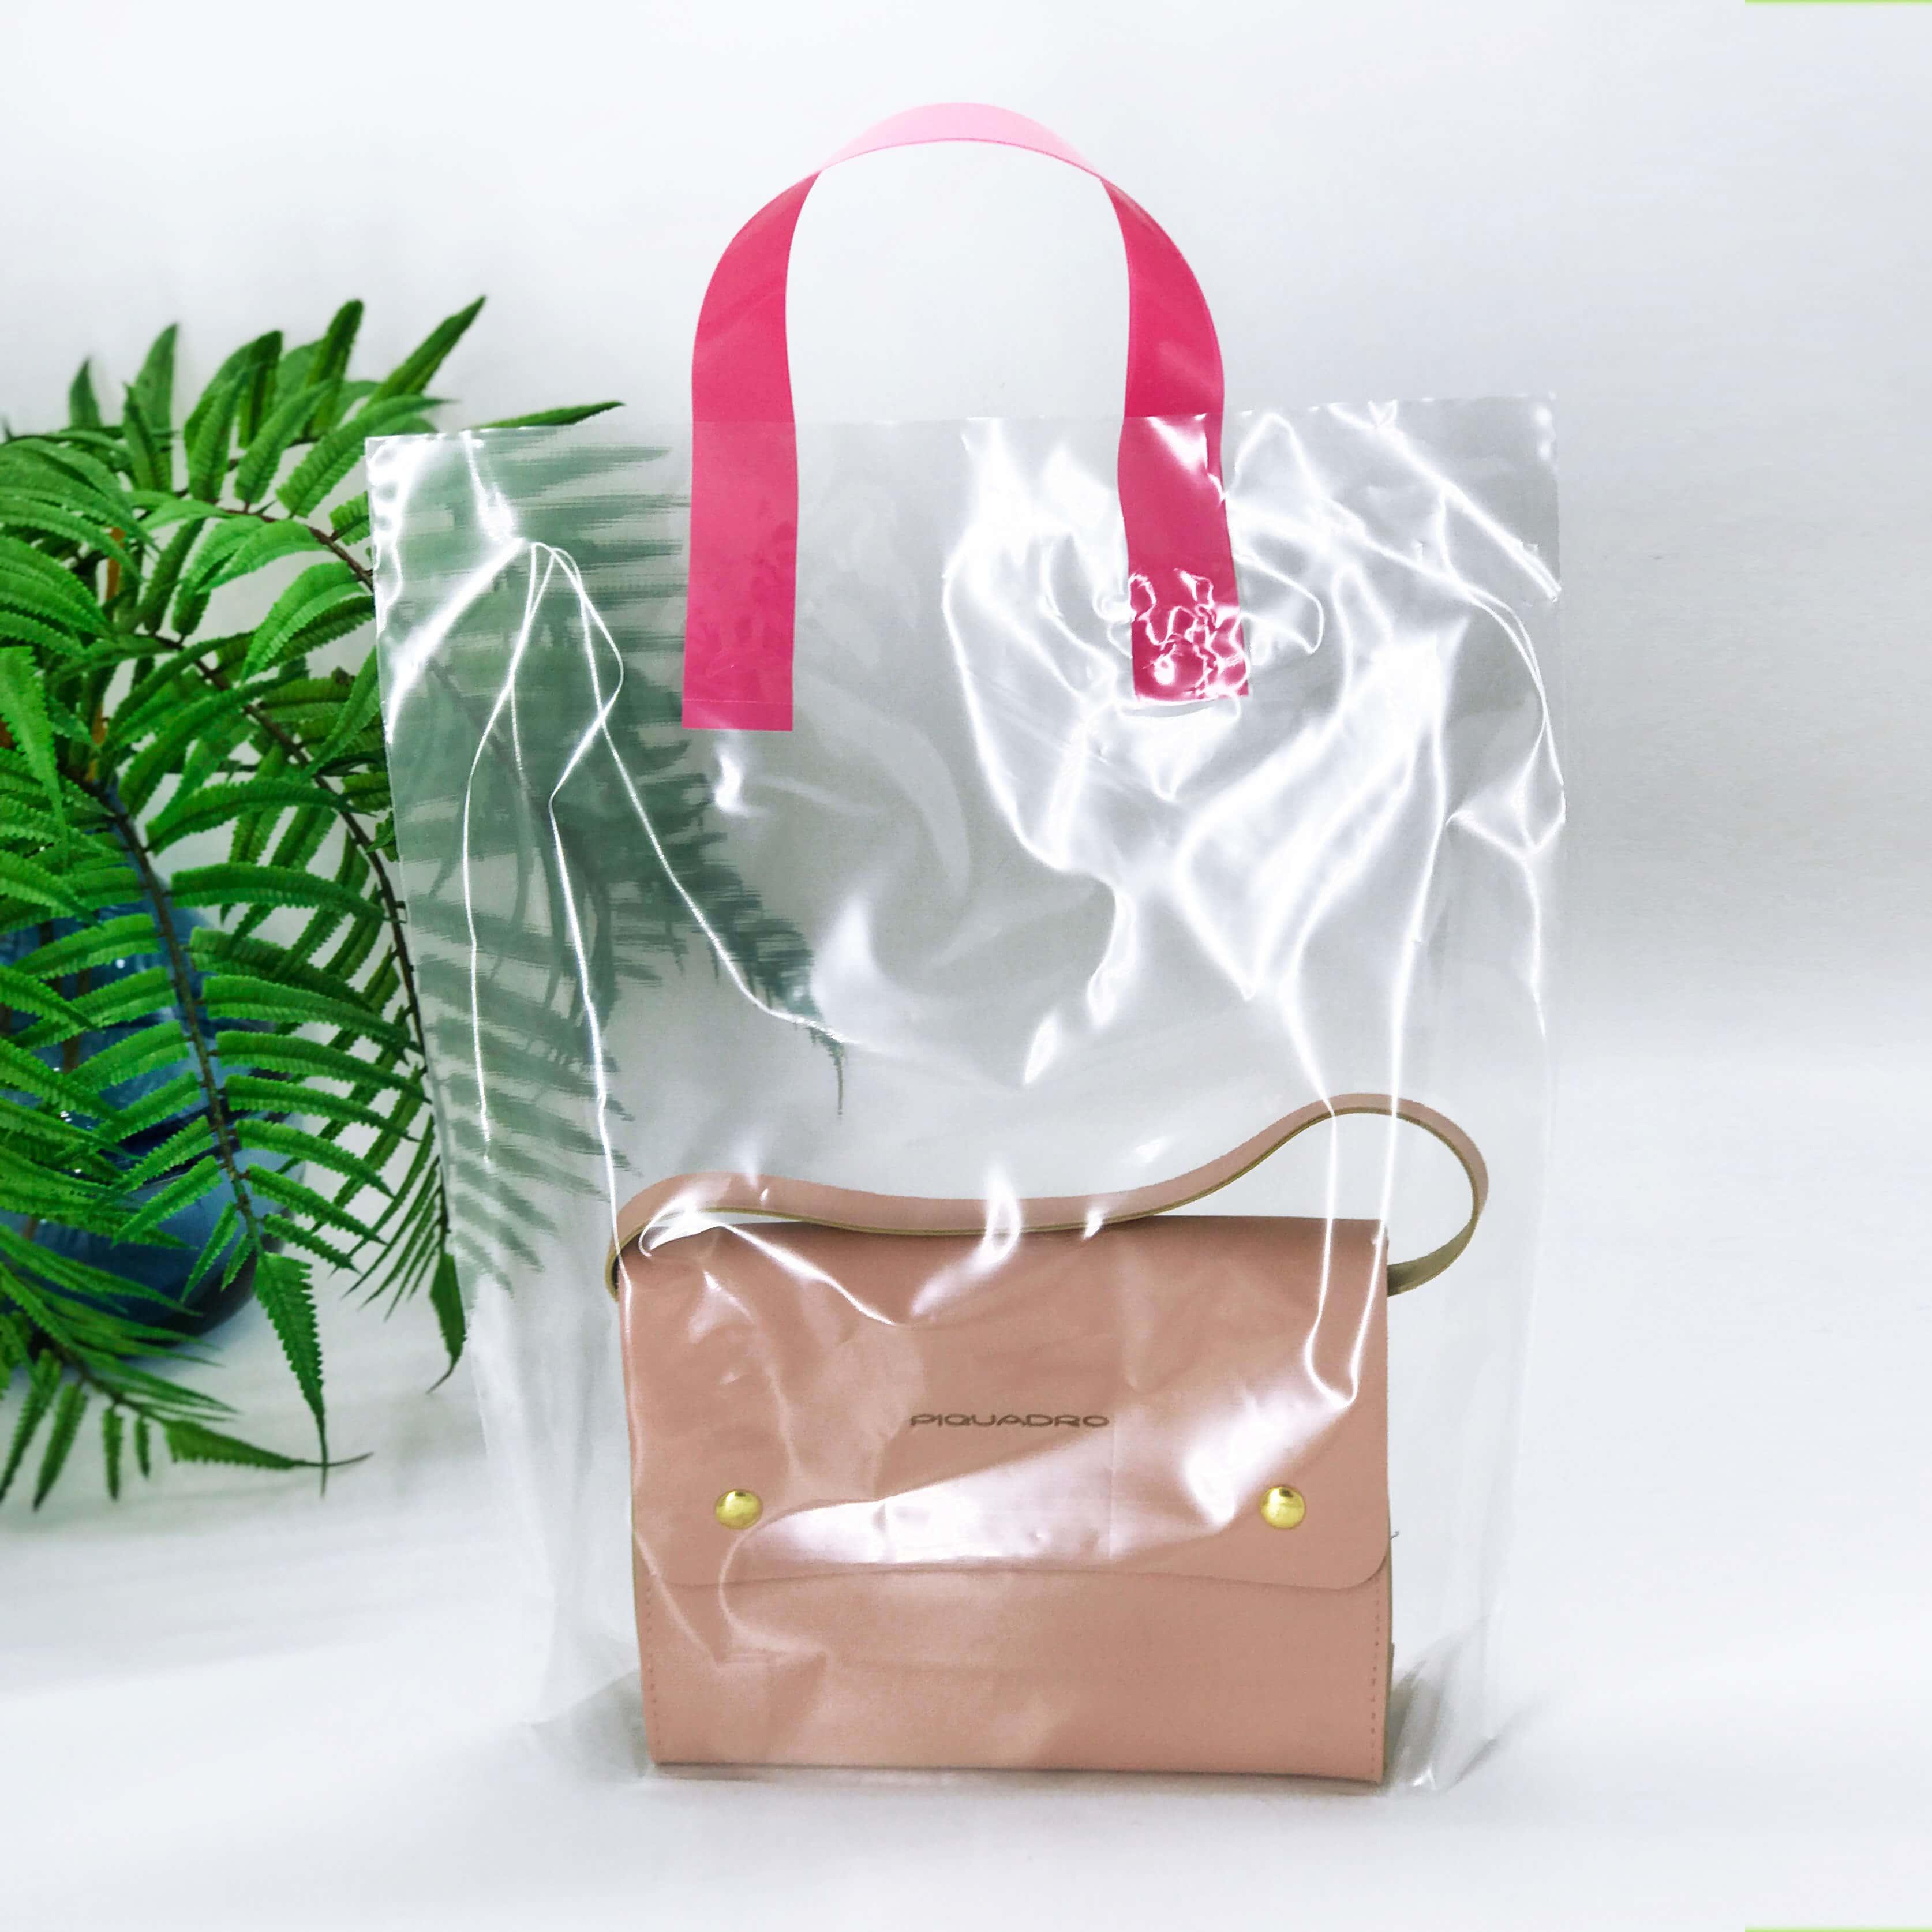 Пакет активированный с розовой петлевой ручкой 300*350 мм, А6 полиэтилен, ПРОЗРАЧНЫЙ -Chernigov Package - Фото +1607434216631844